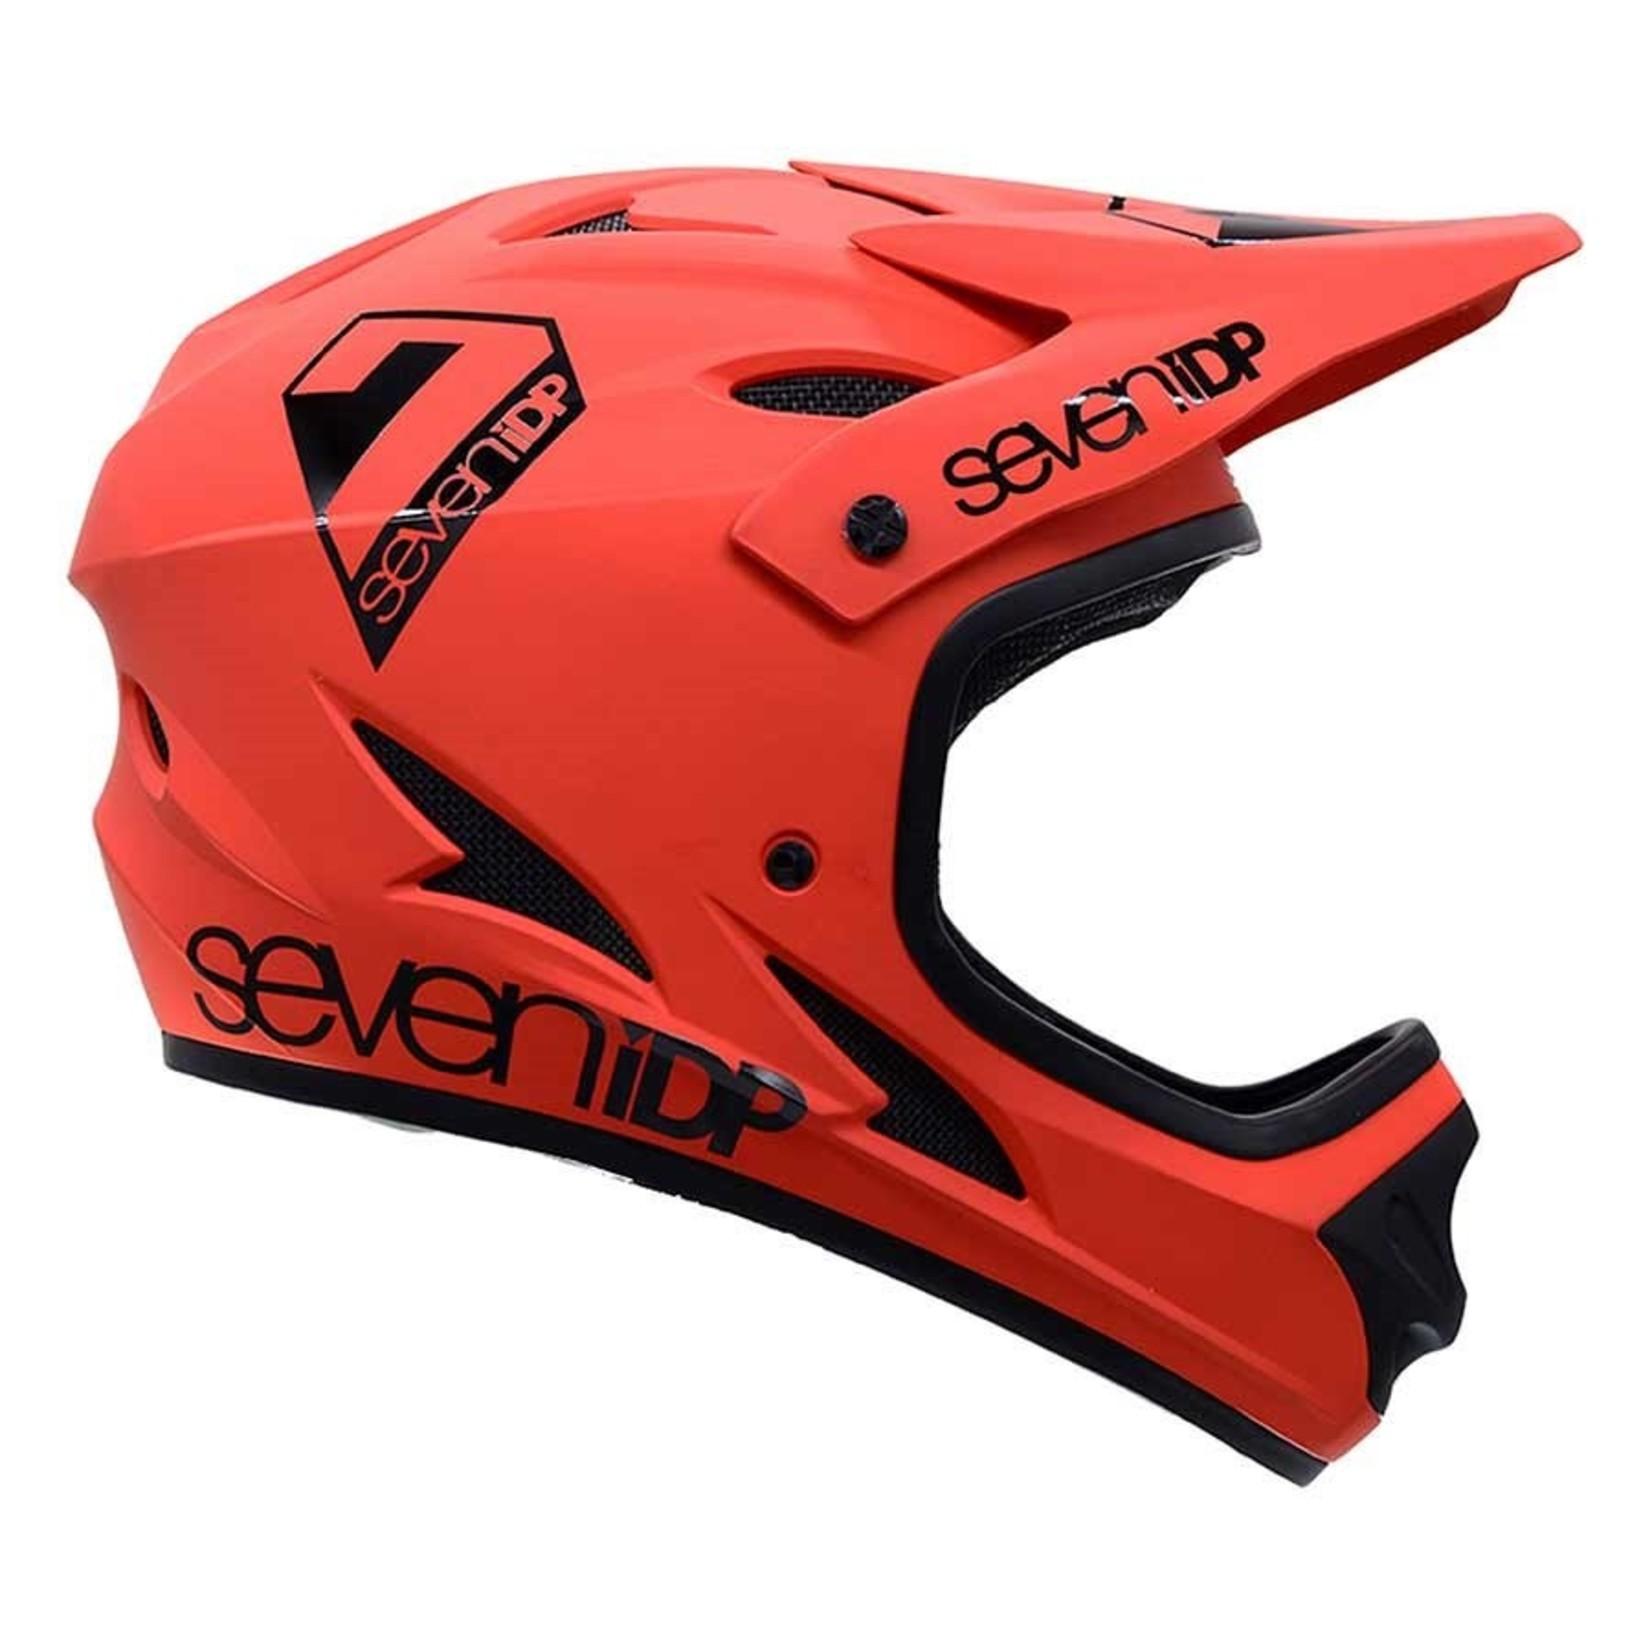 7iDP 7iDP, M1, Full Face Helmet, Matt Thruster Red/Black, L, 59 - 60cm